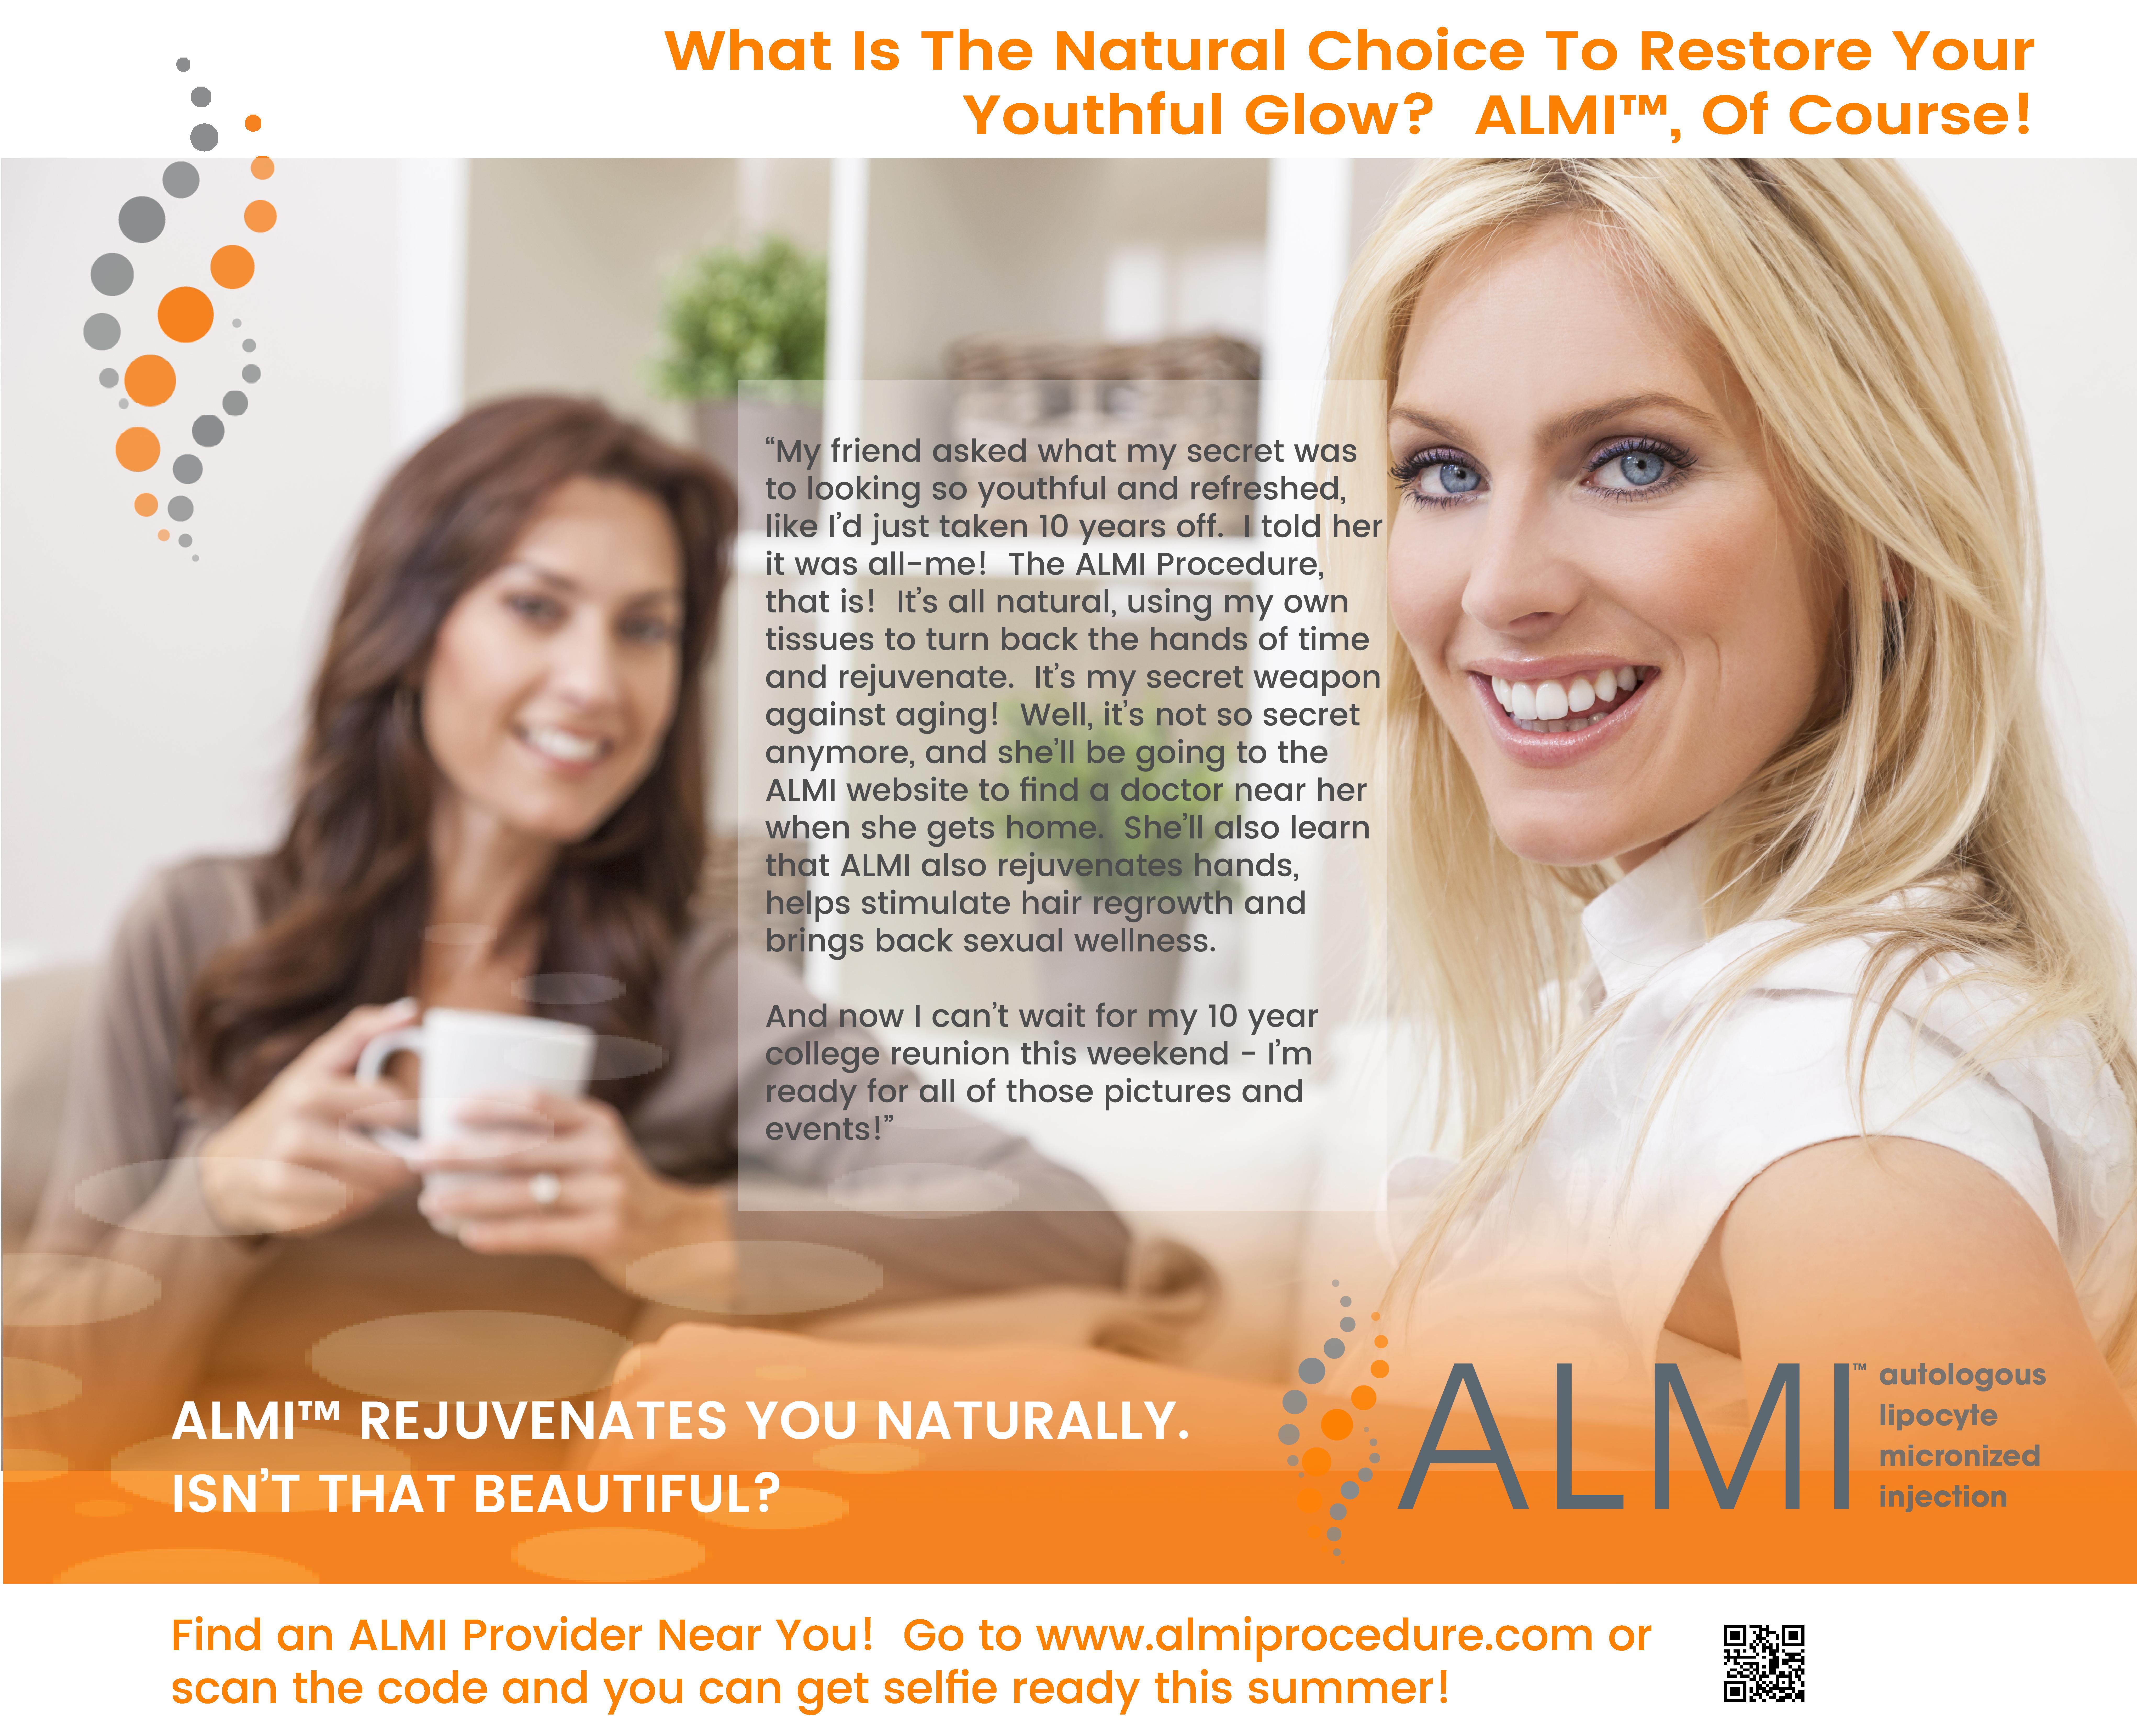 ALMI Social Media 2 Women_4x